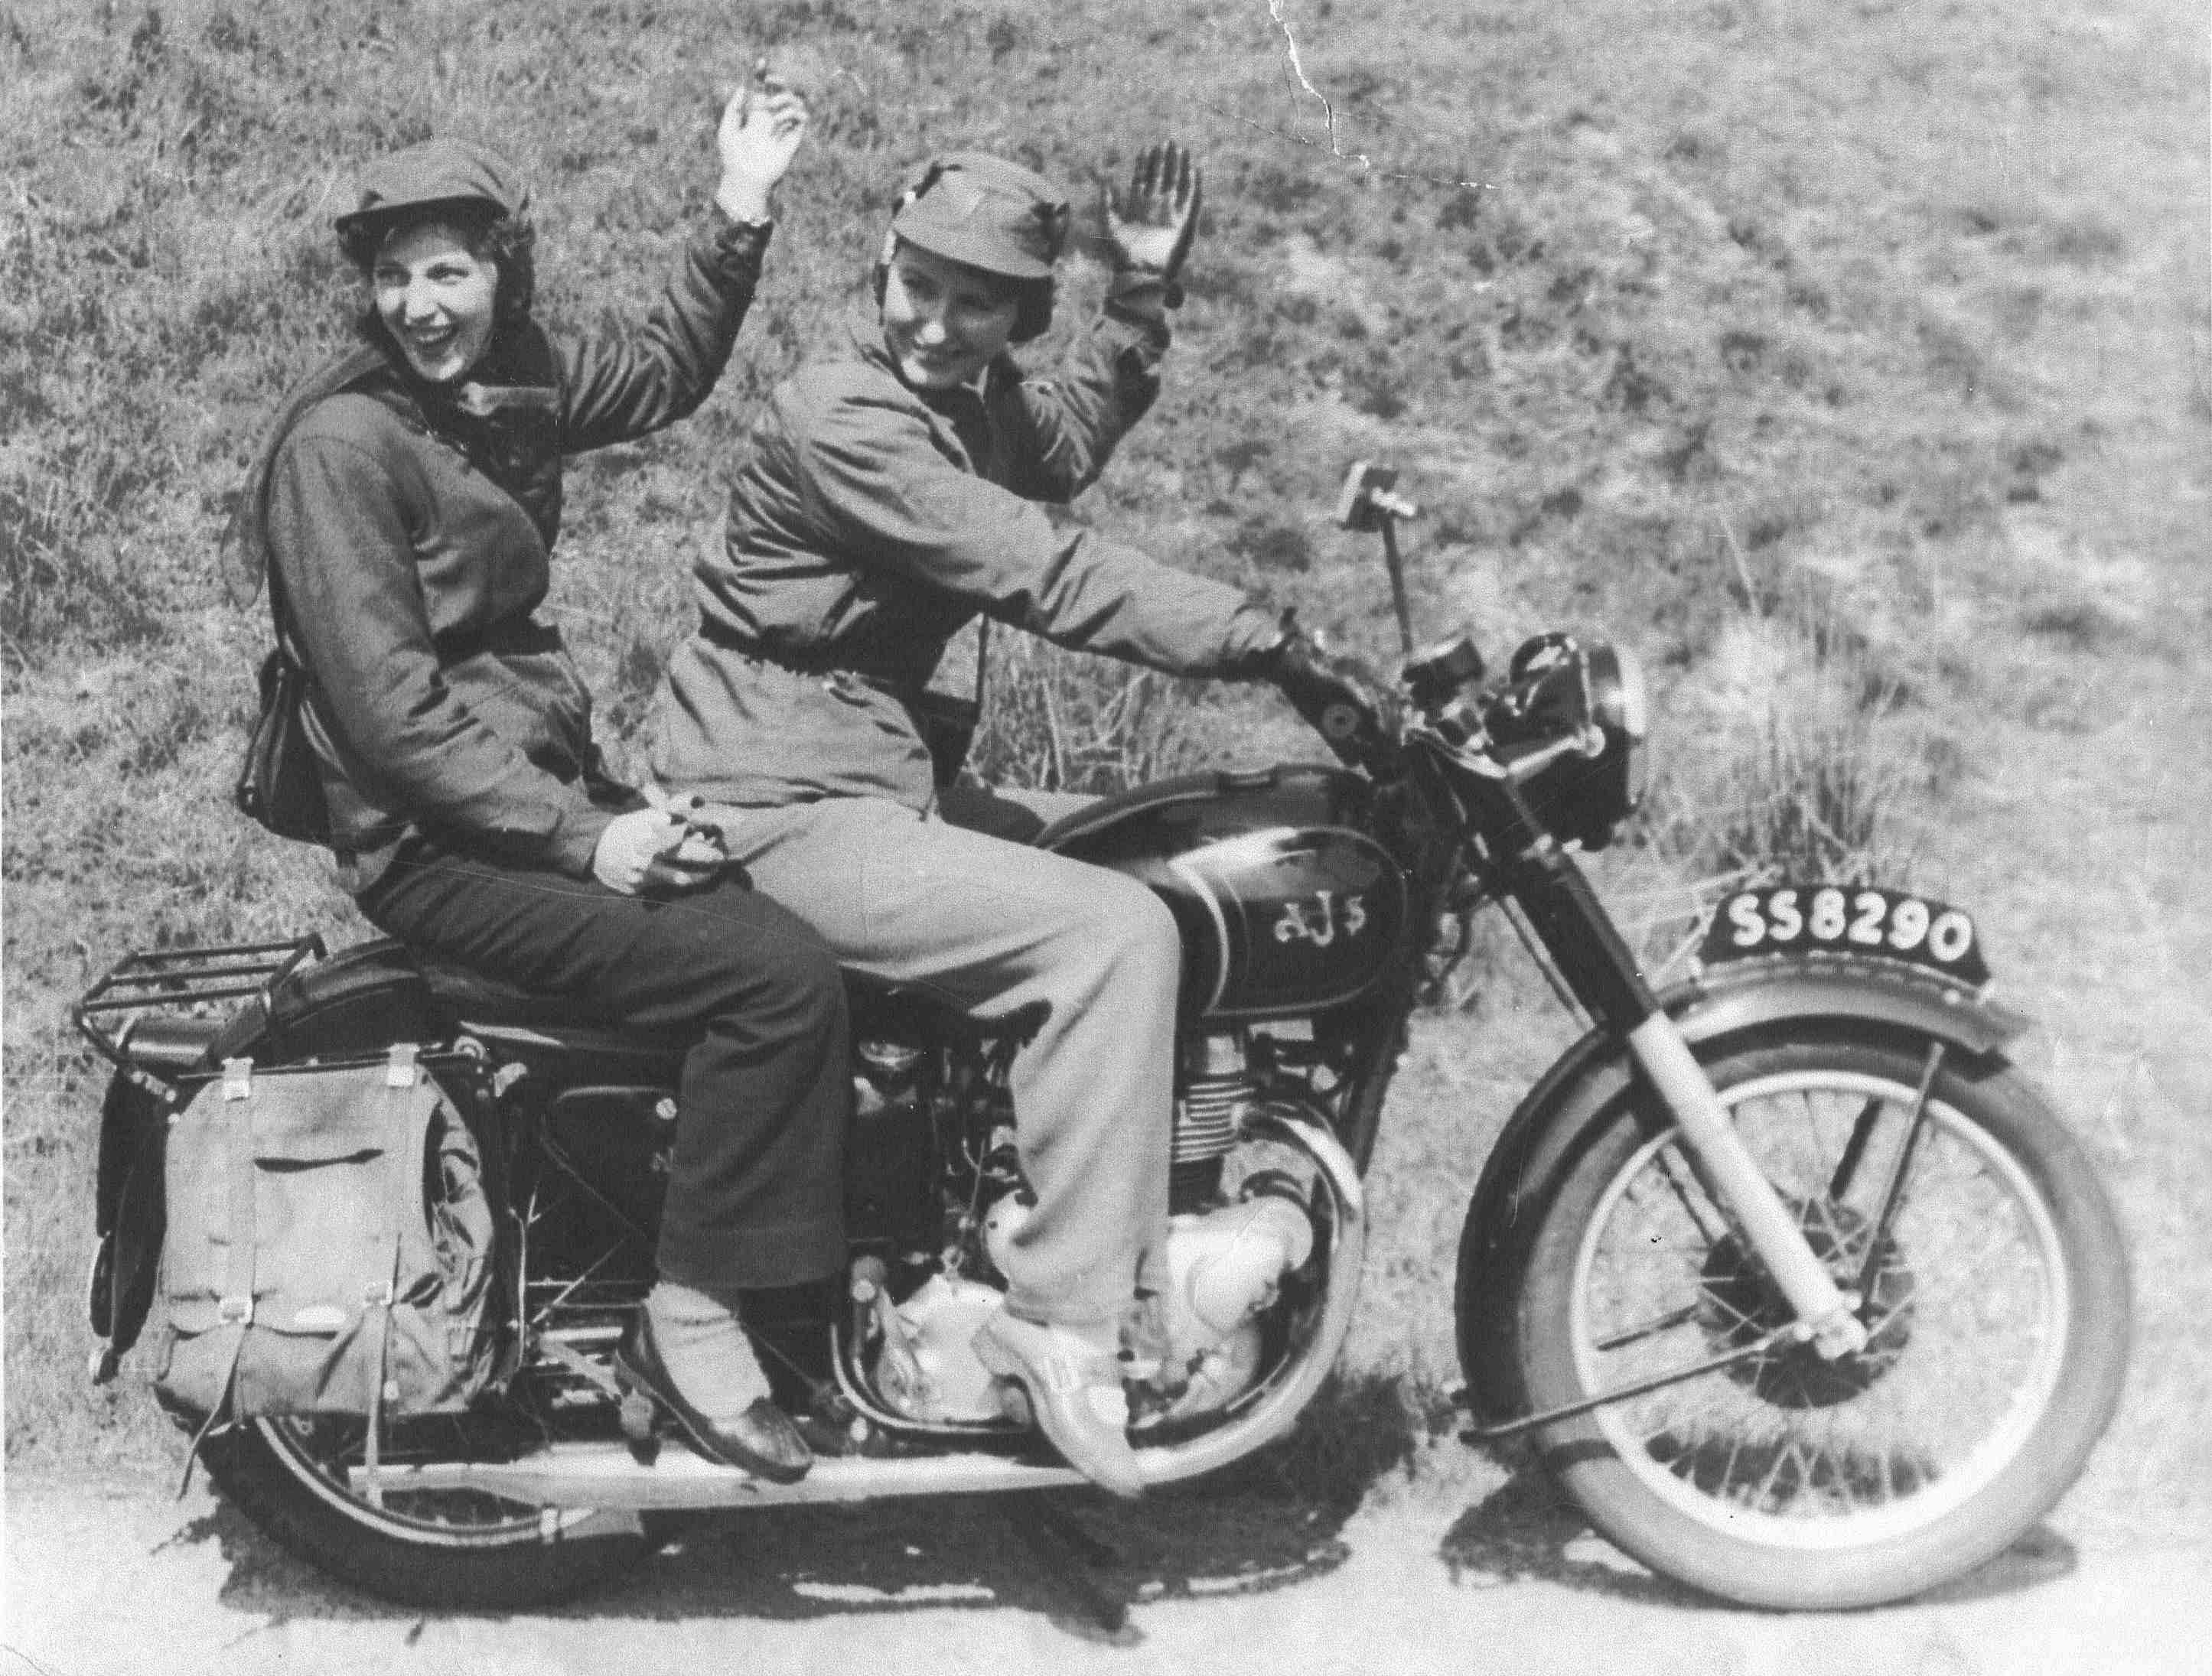 Two Women On Motorbike 1960s